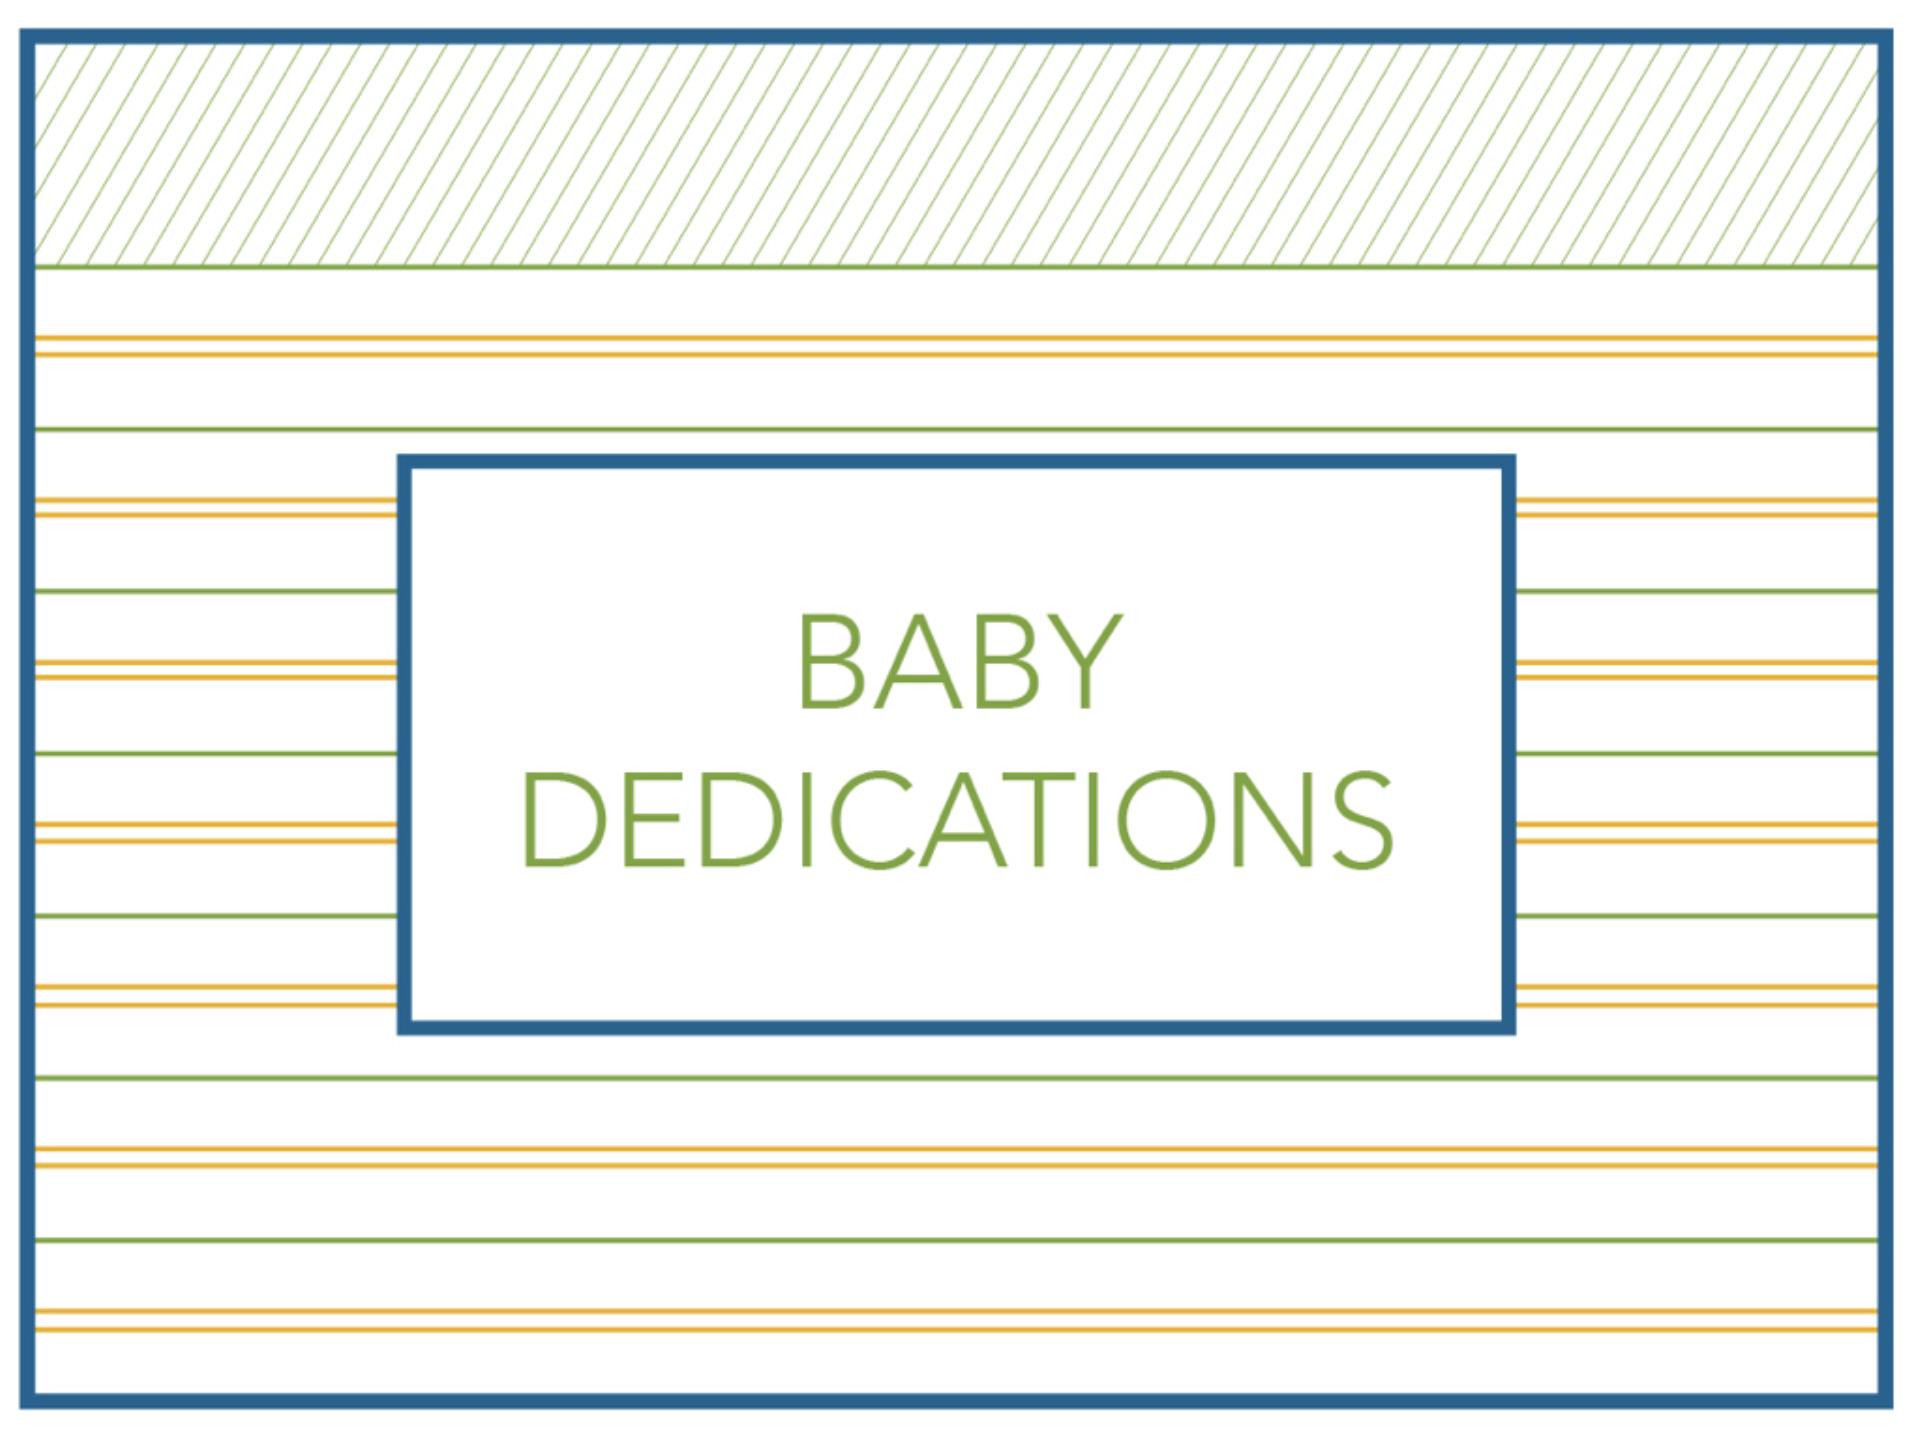 babydedications.png